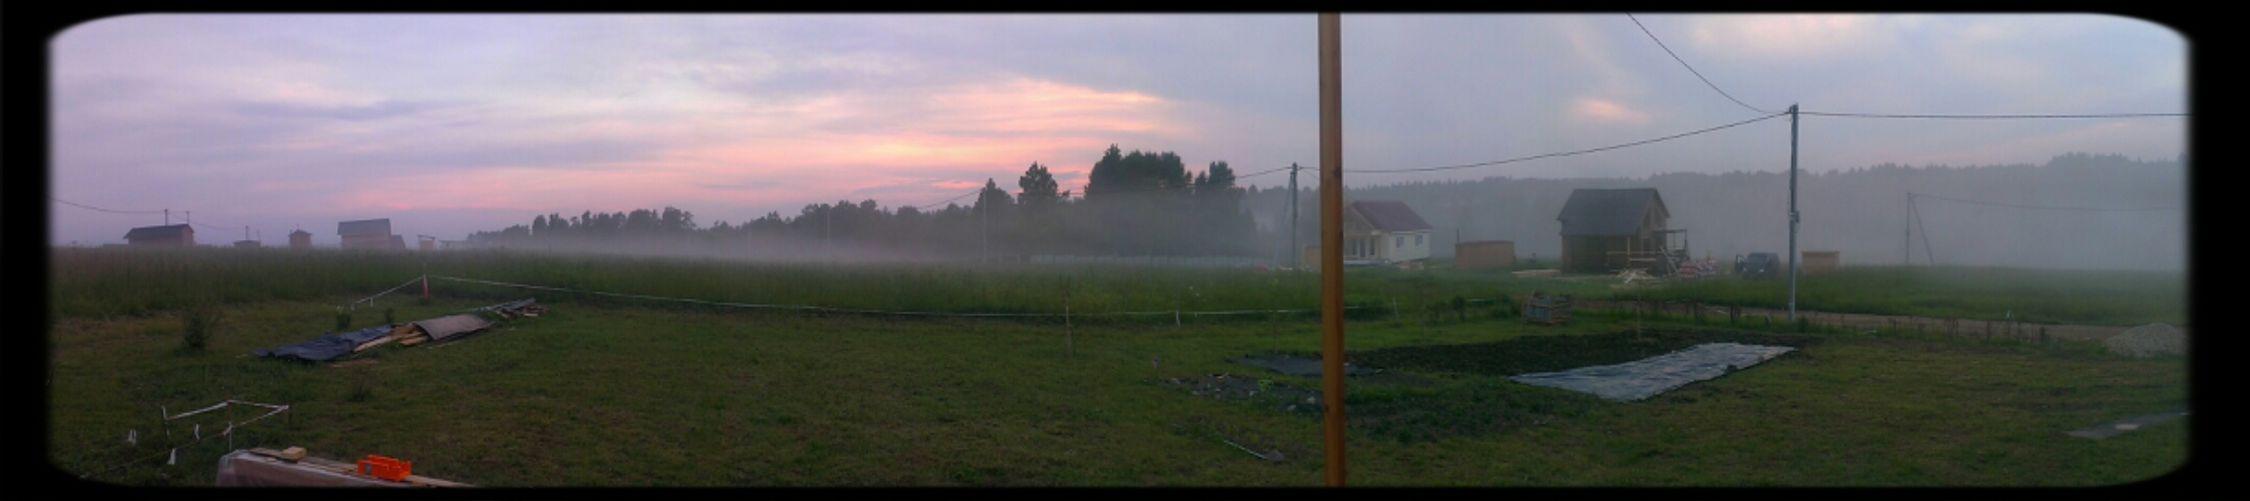 Forest Summer Evening Fog